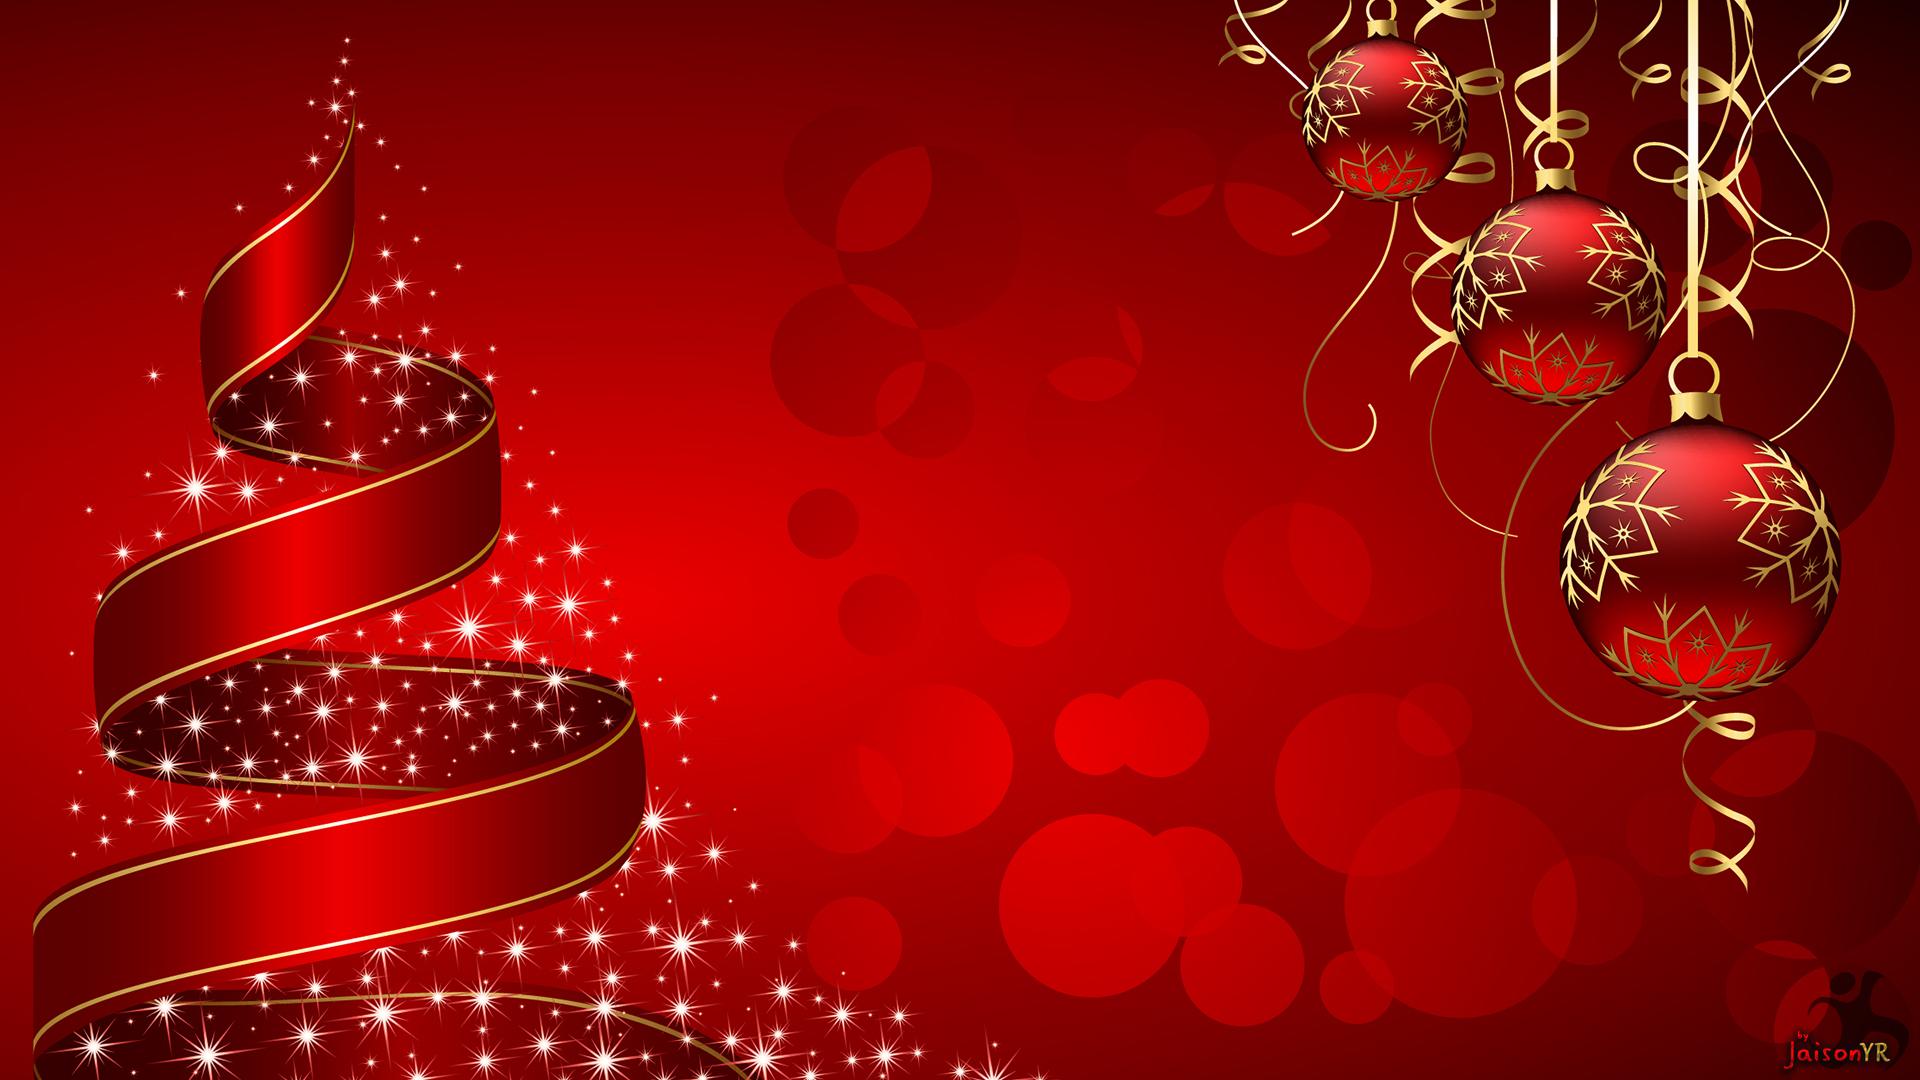 christmas background   Large Images 1920x1080